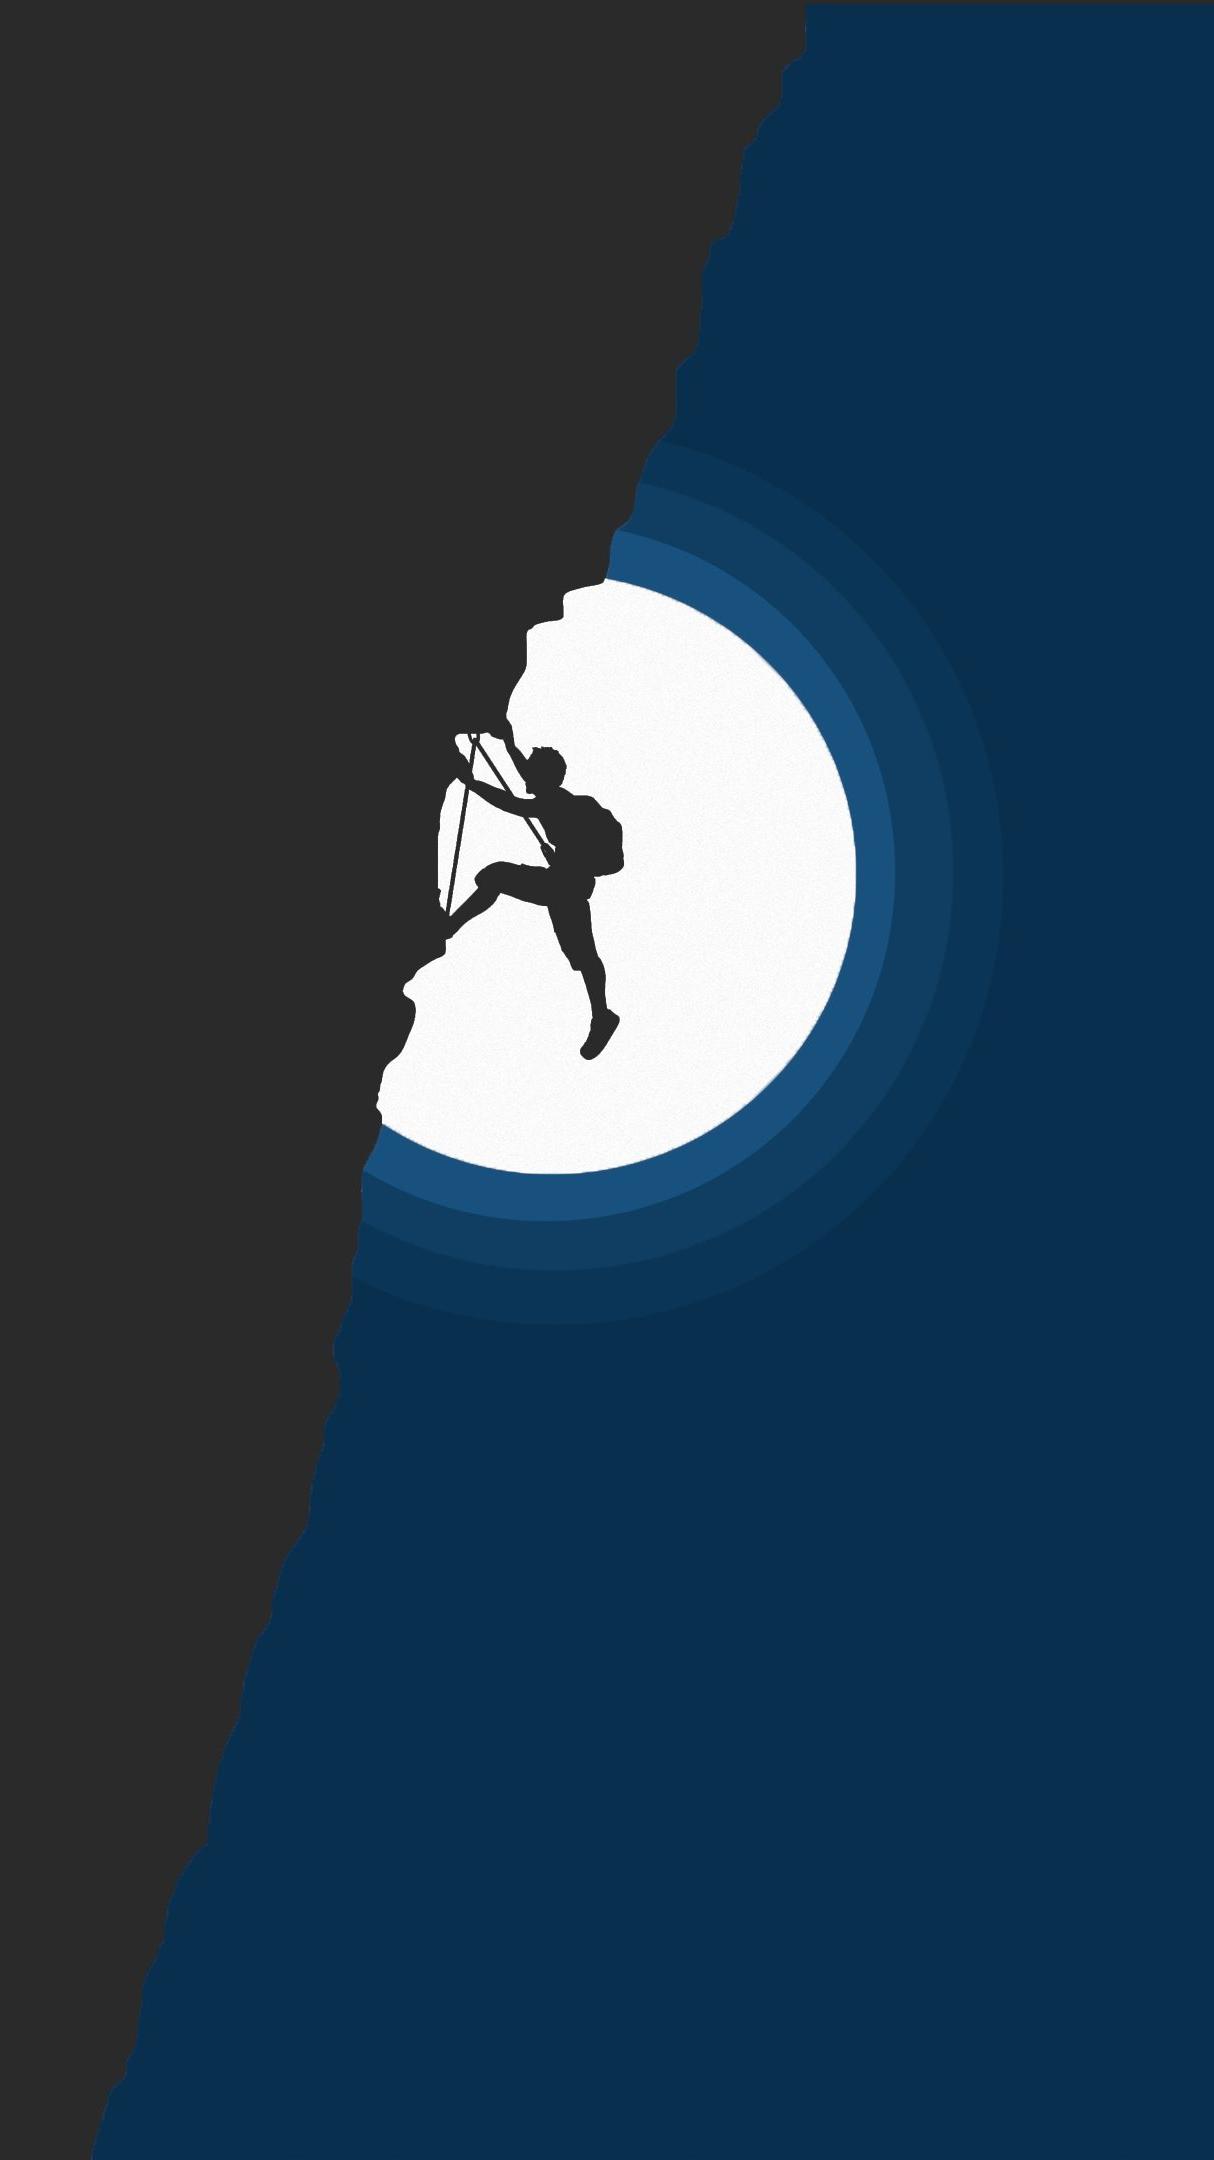 Mountain Climber Minimal iPhone Wallpaper